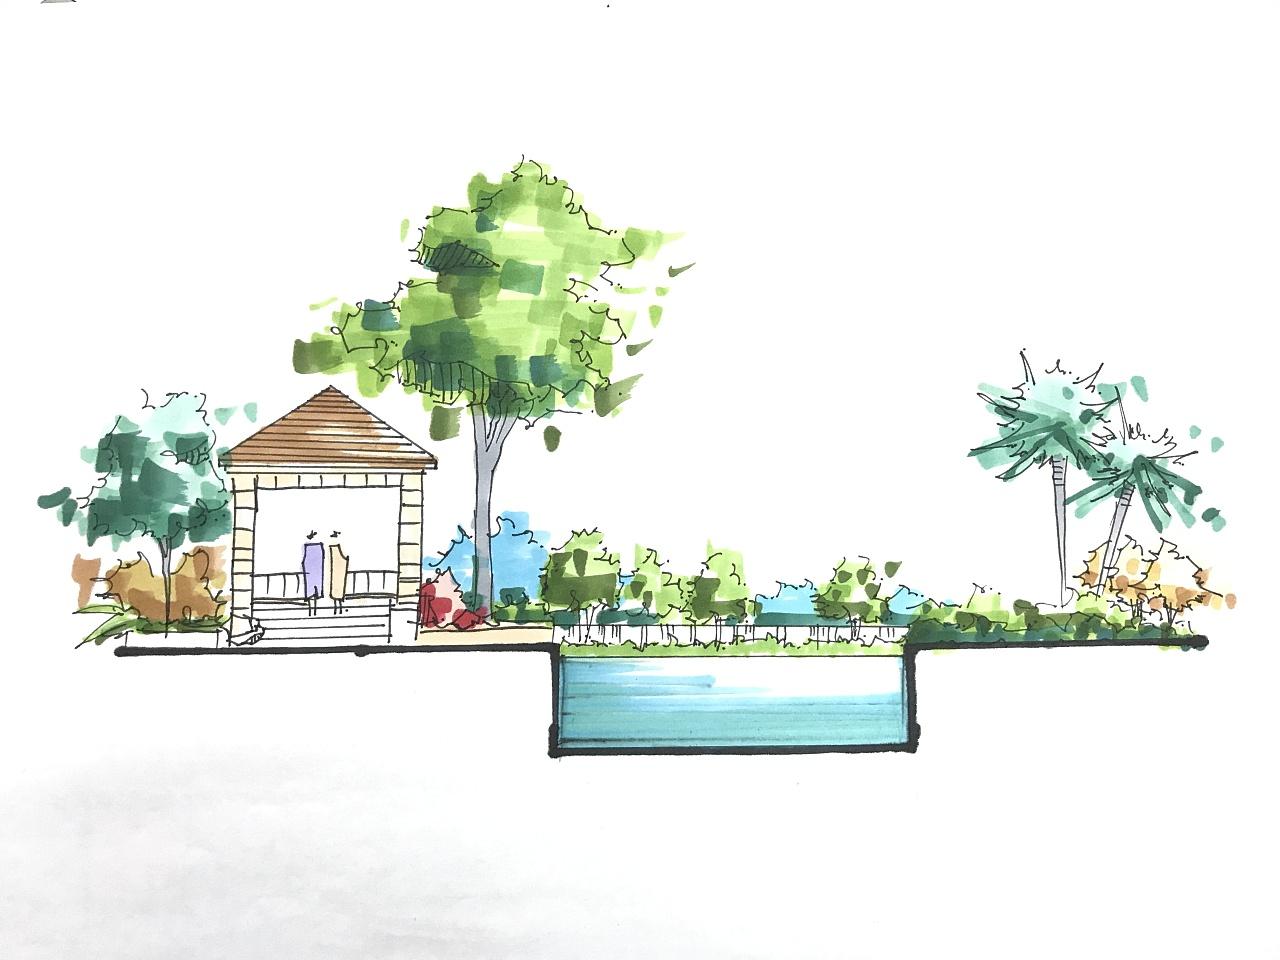 效果图手绘整理|空间|景观设计|teperbebe - 原创作品